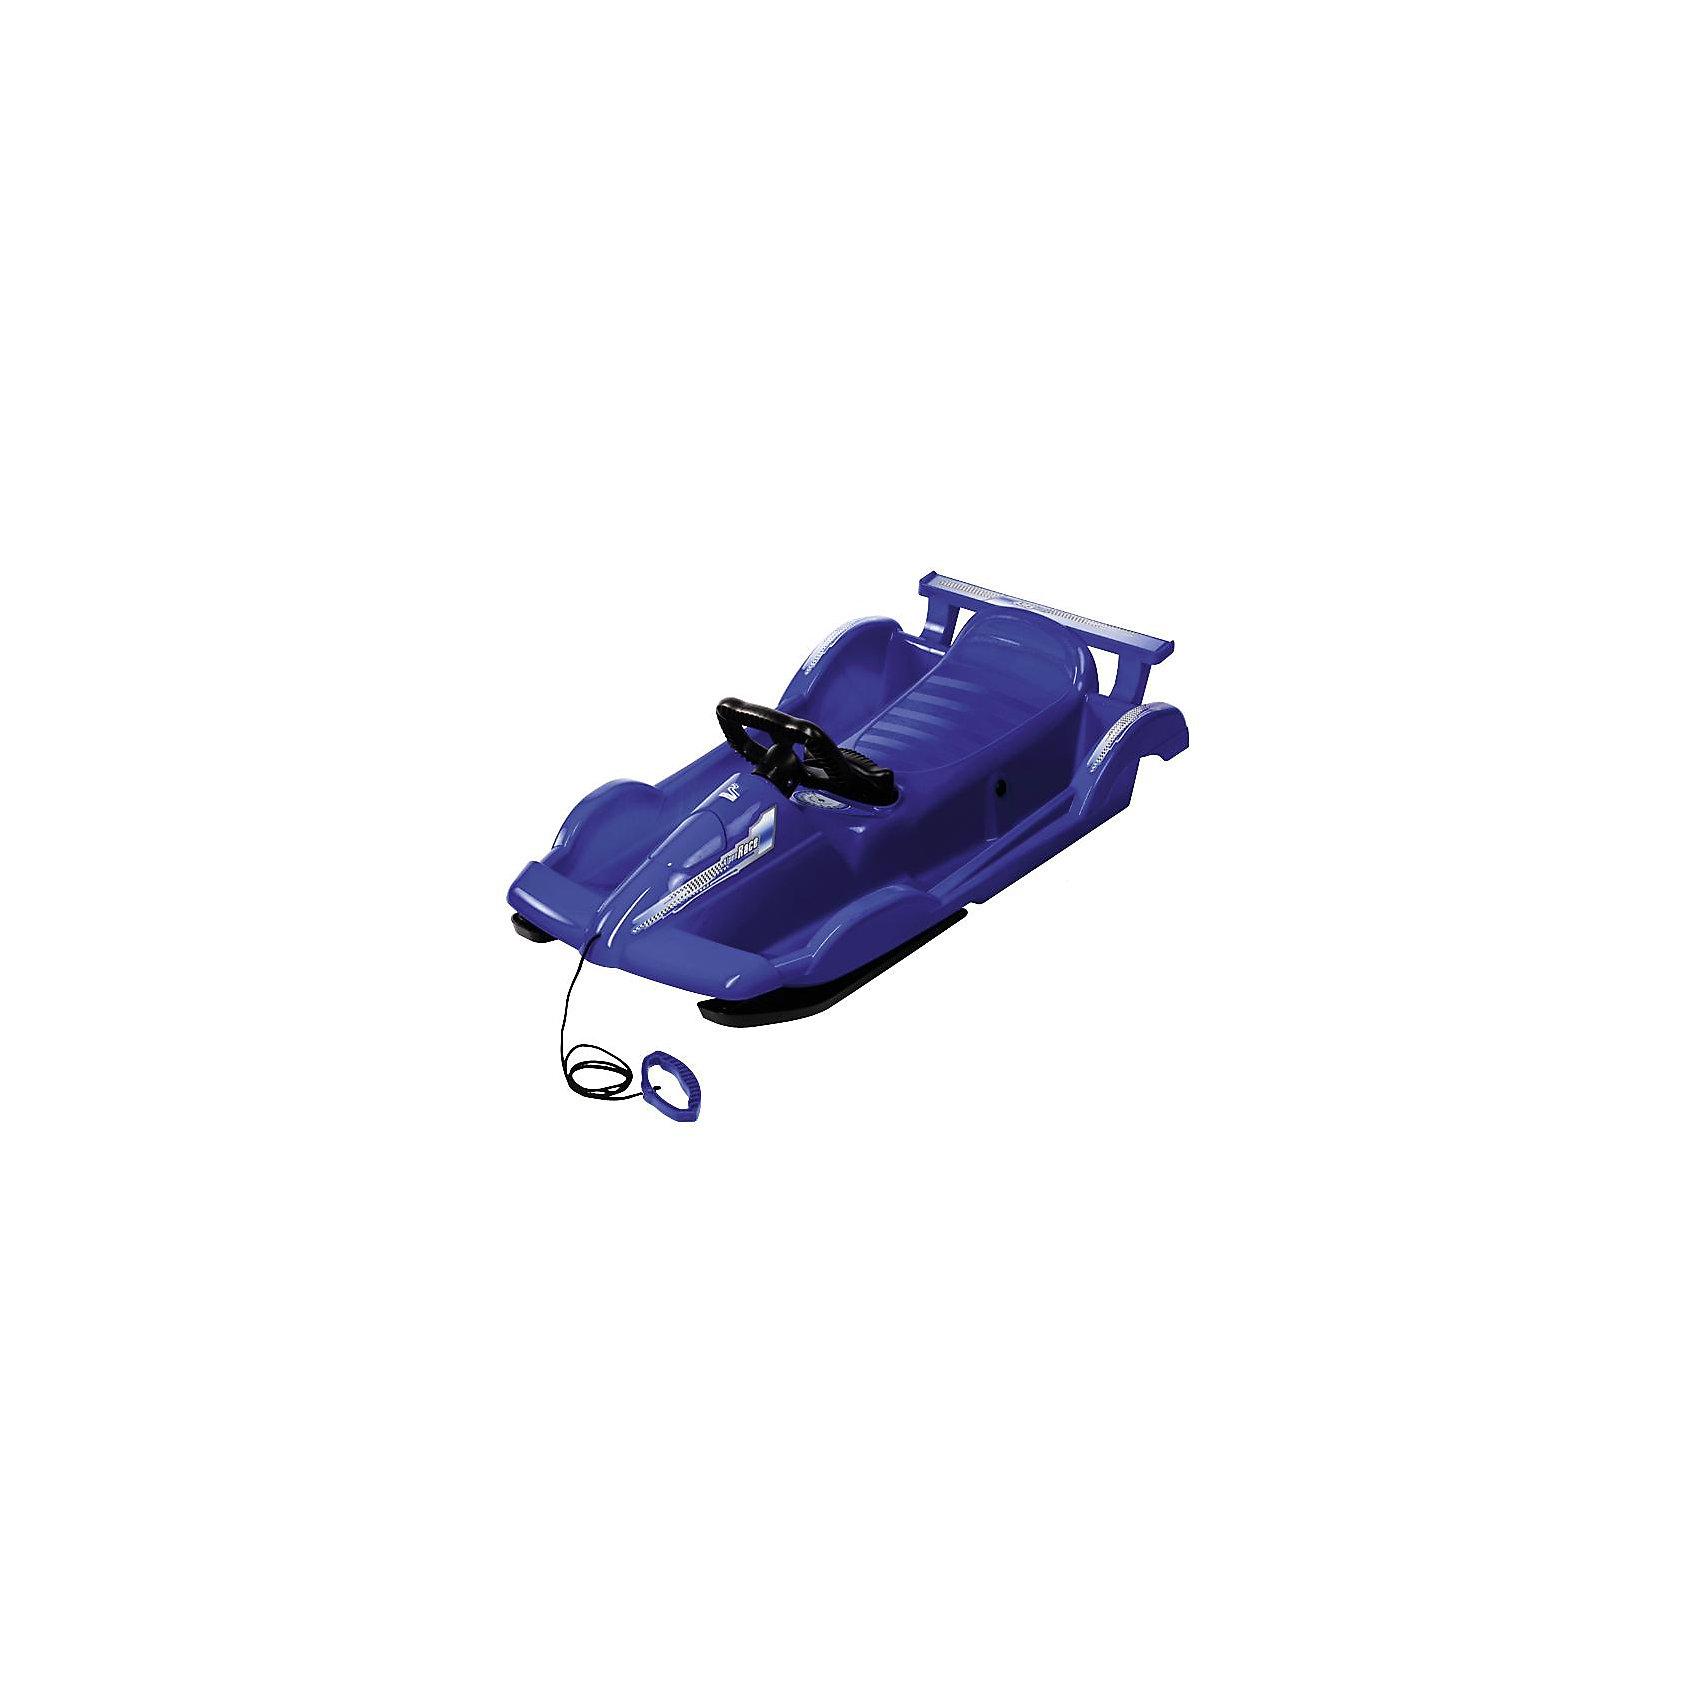 Санки AlpenRace, AlpenGaudi, синие